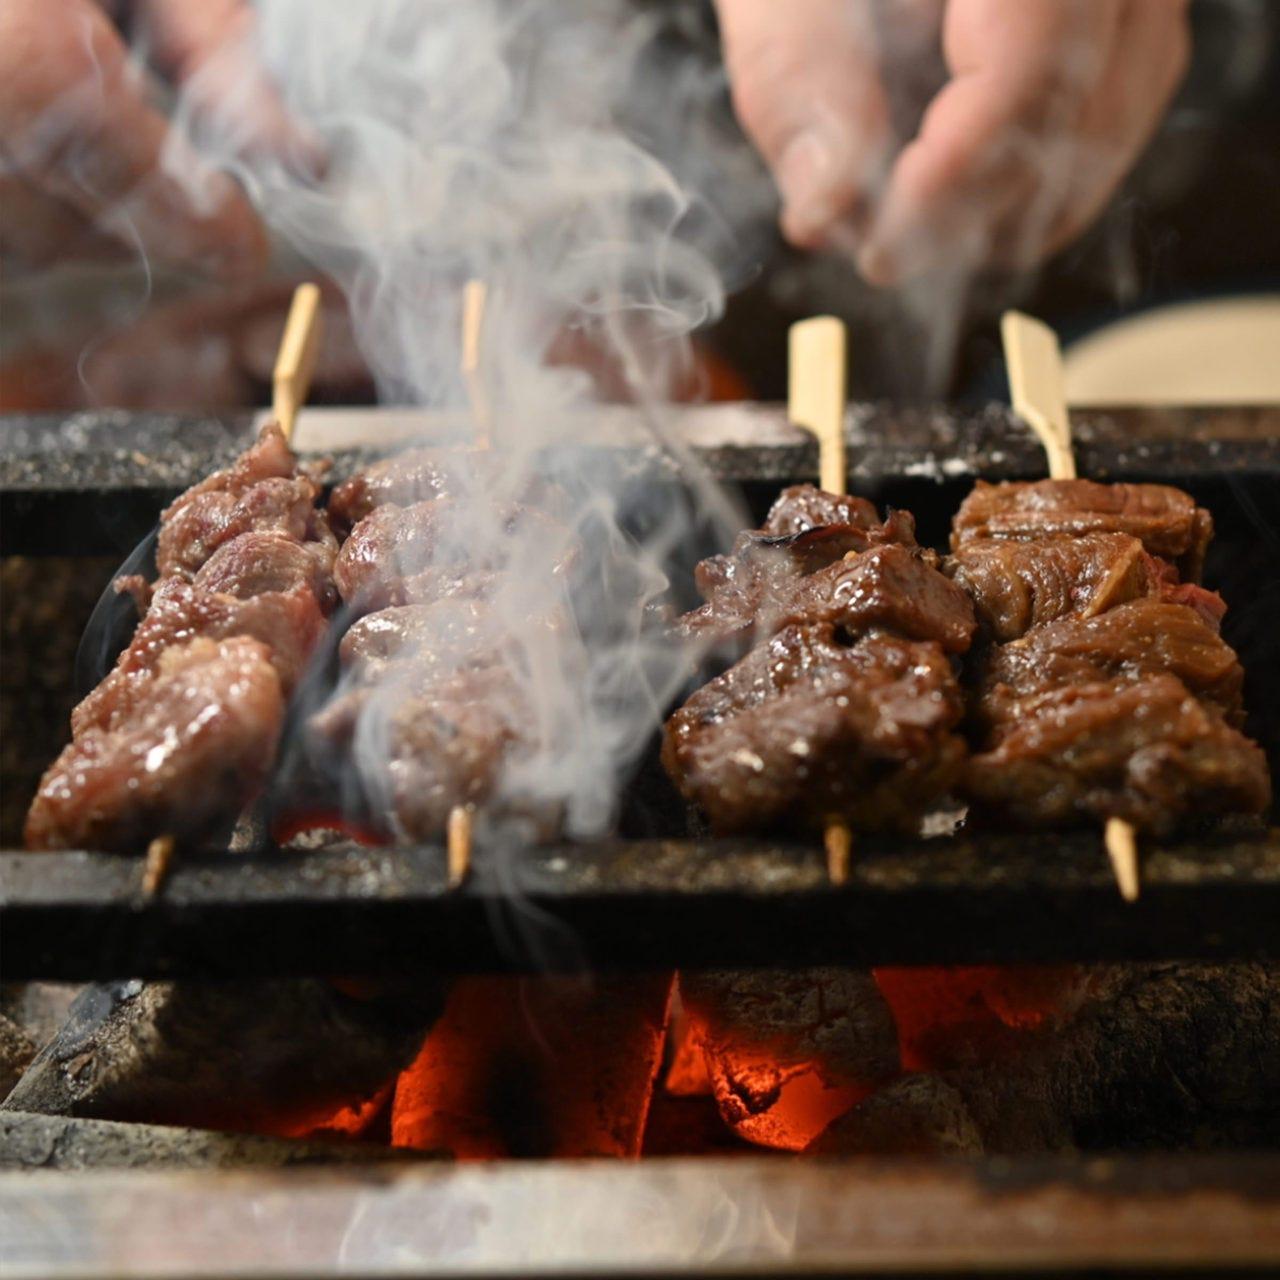 備長炭使用の炭火焼は香ばしく焼ける自家製タレに食欲が進みます